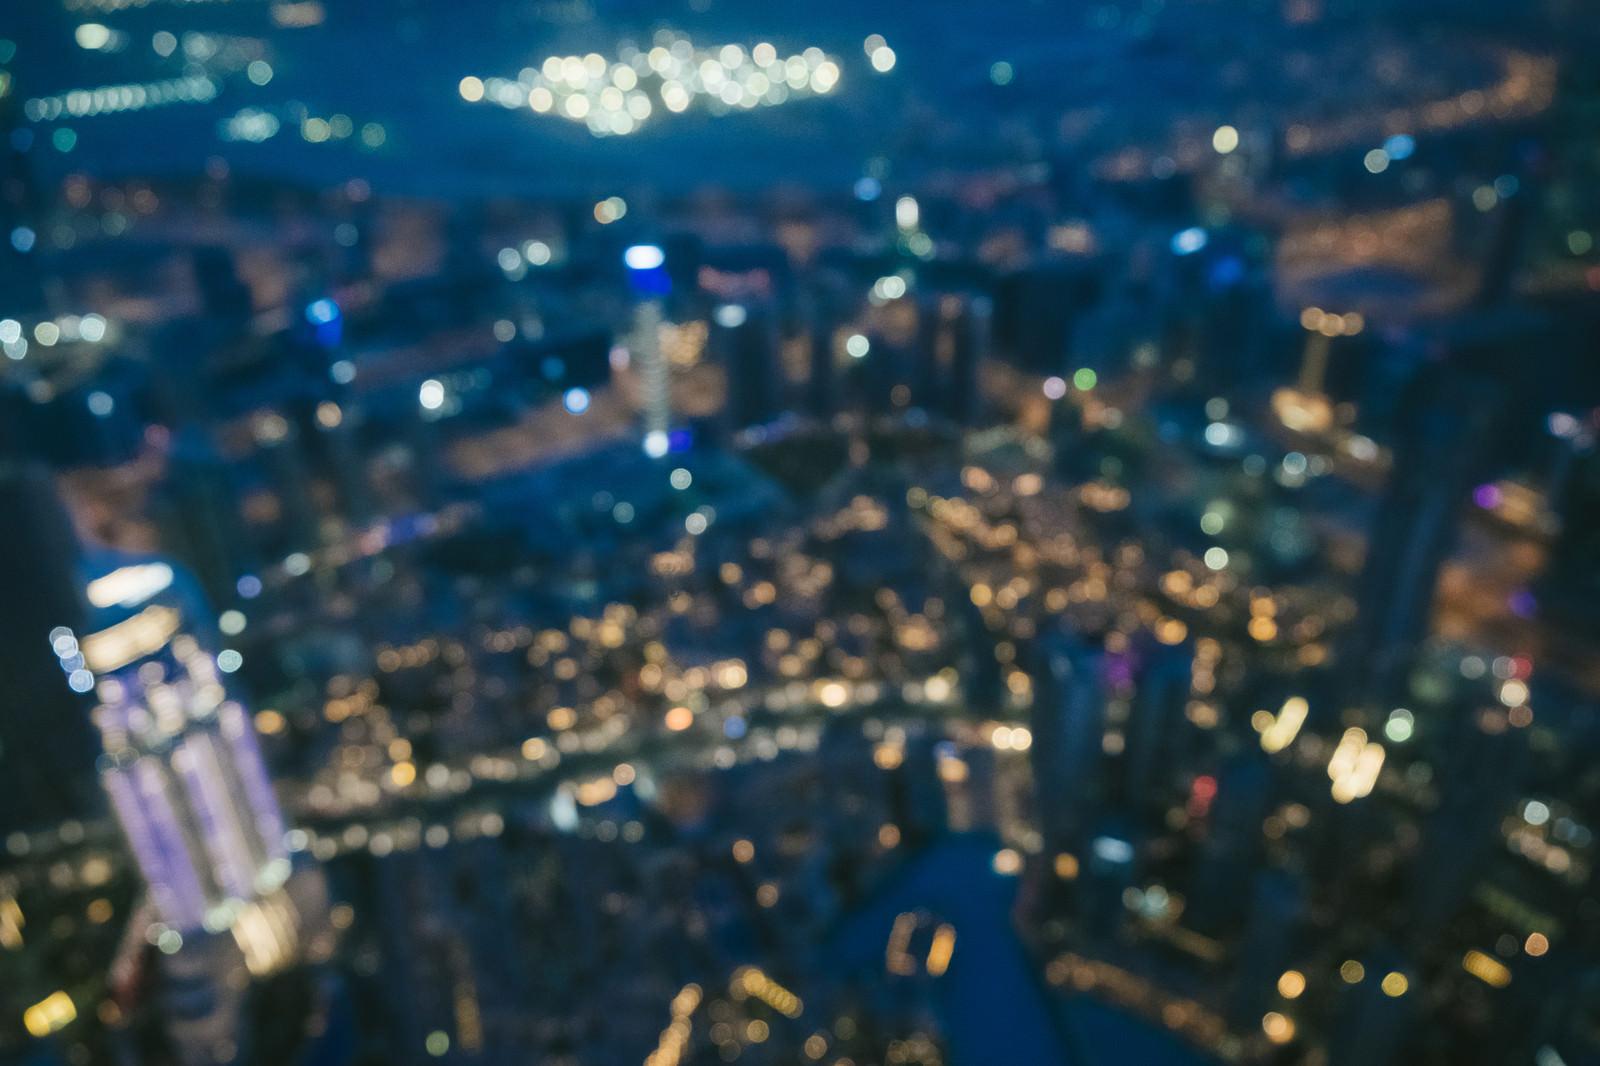 「高層ビルからのドバイの夜景(ボケ)」の写真